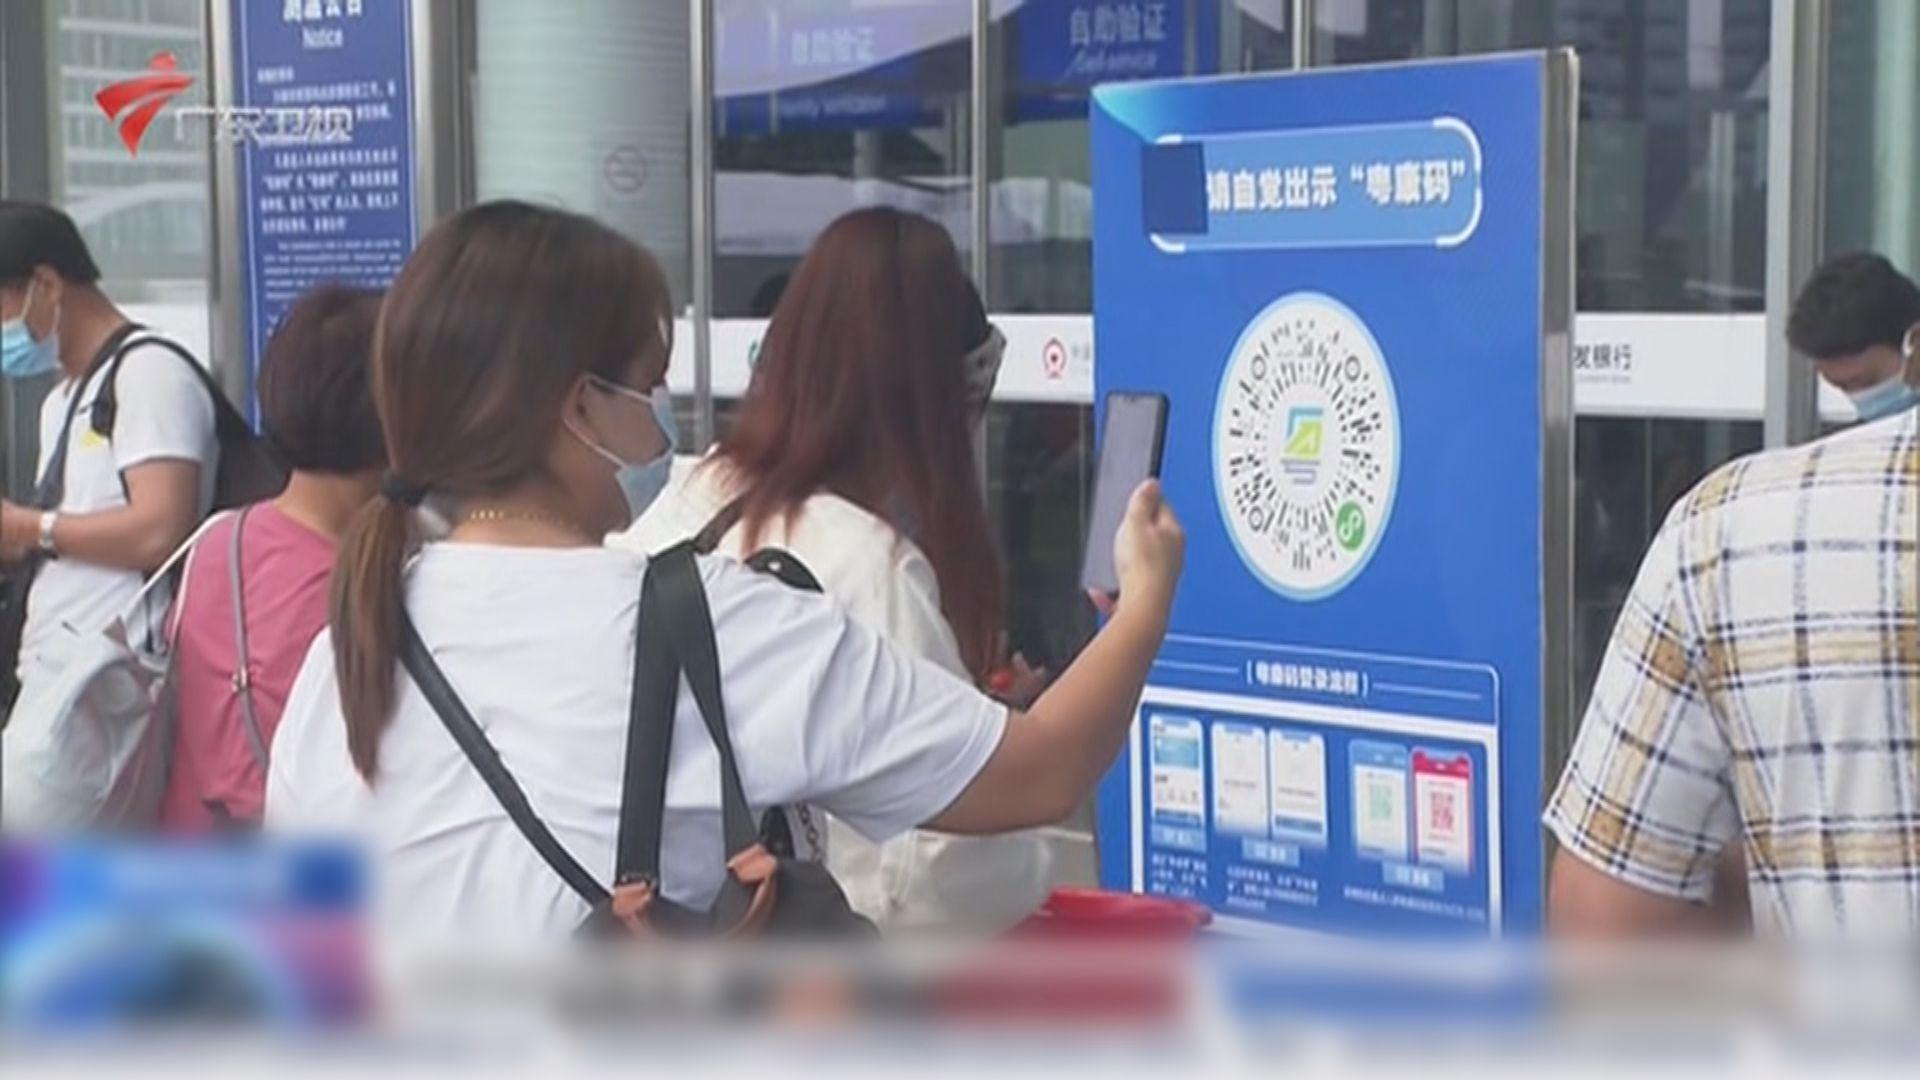 廣州增13宗新冠確診 38個區域實施封閉管理